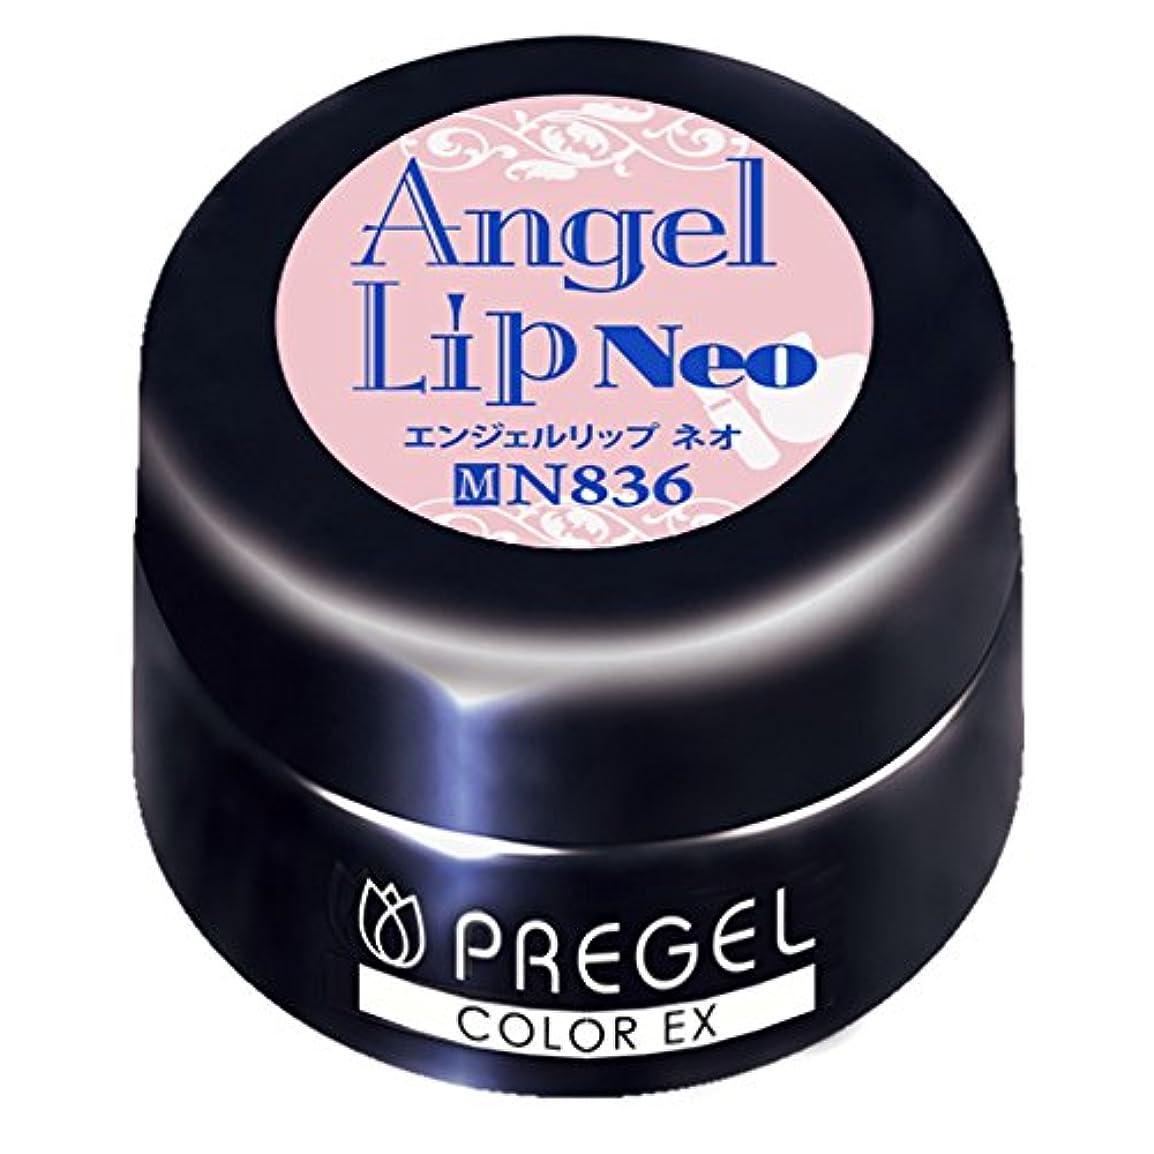 隣接する光読み書きのできないPRE GEL カラーEX エンジェルリップneo836 3g UV/LED対応